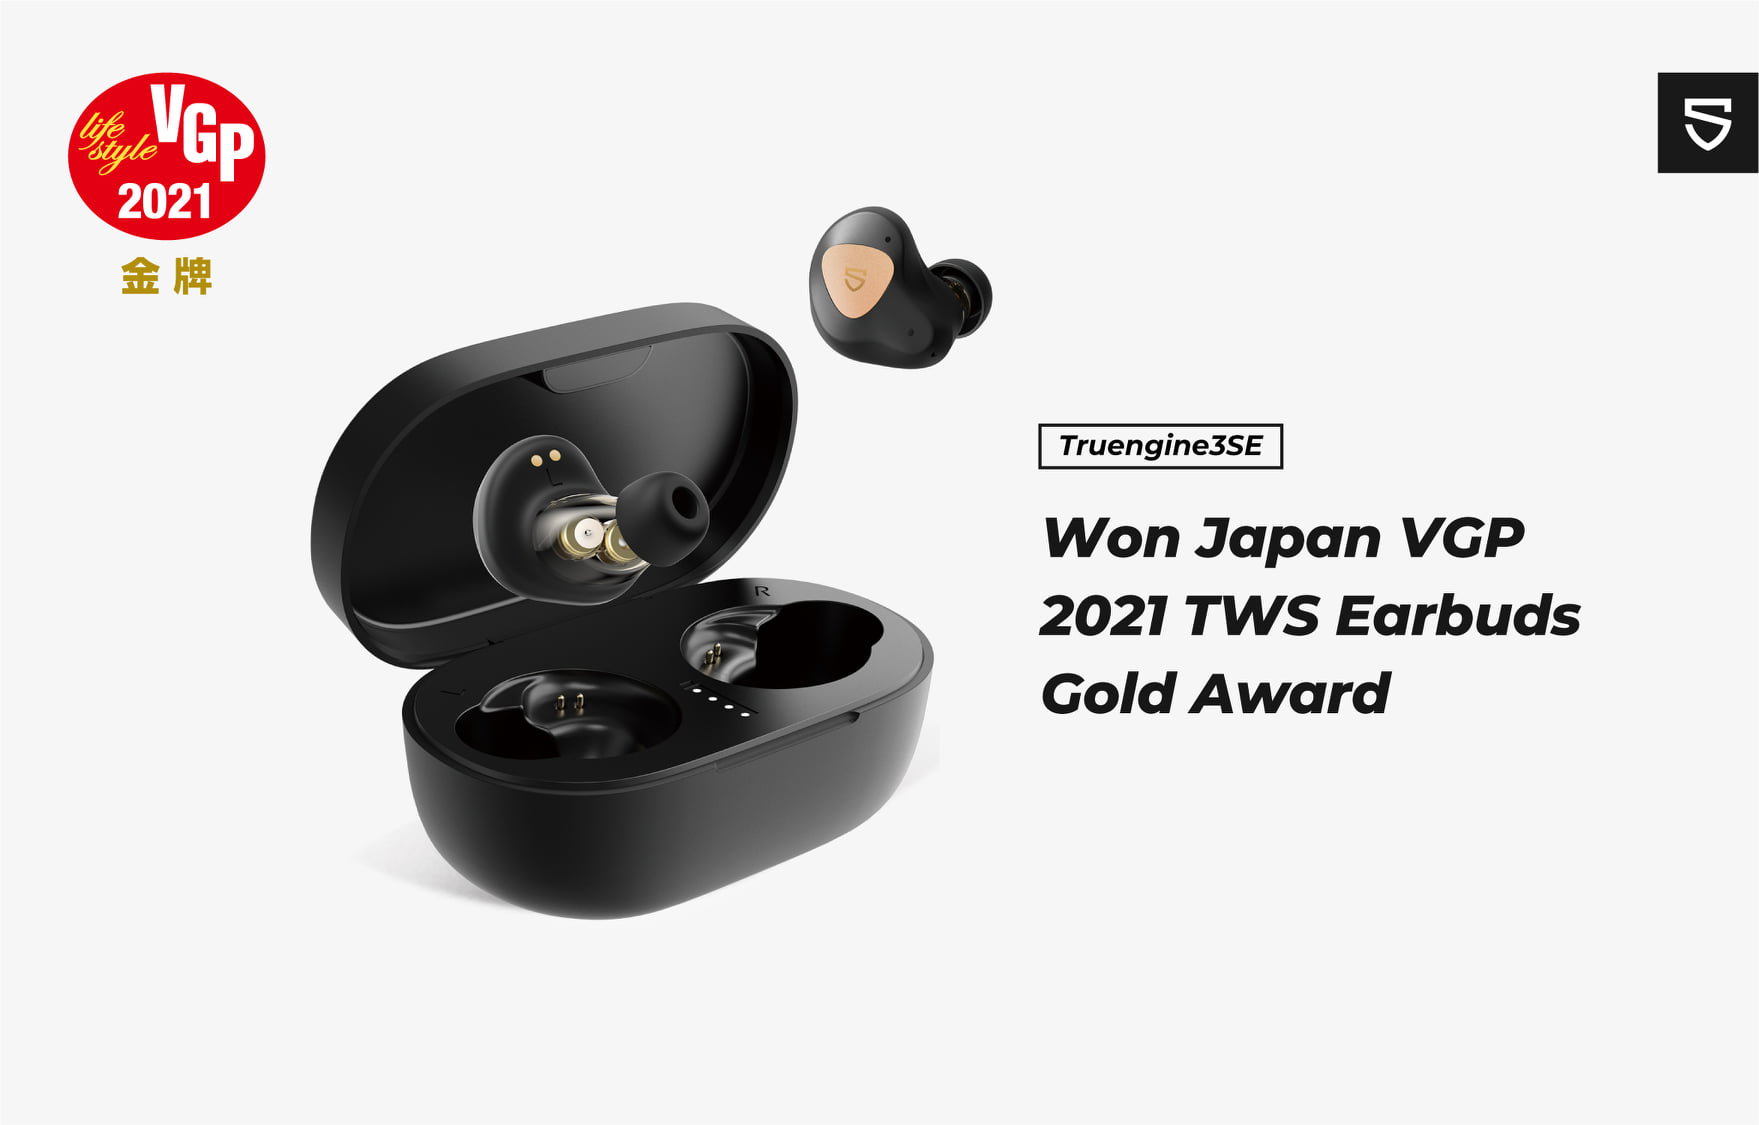 Tai nghe Truengine 3 SE nhận giải vàng tại VGP 2021